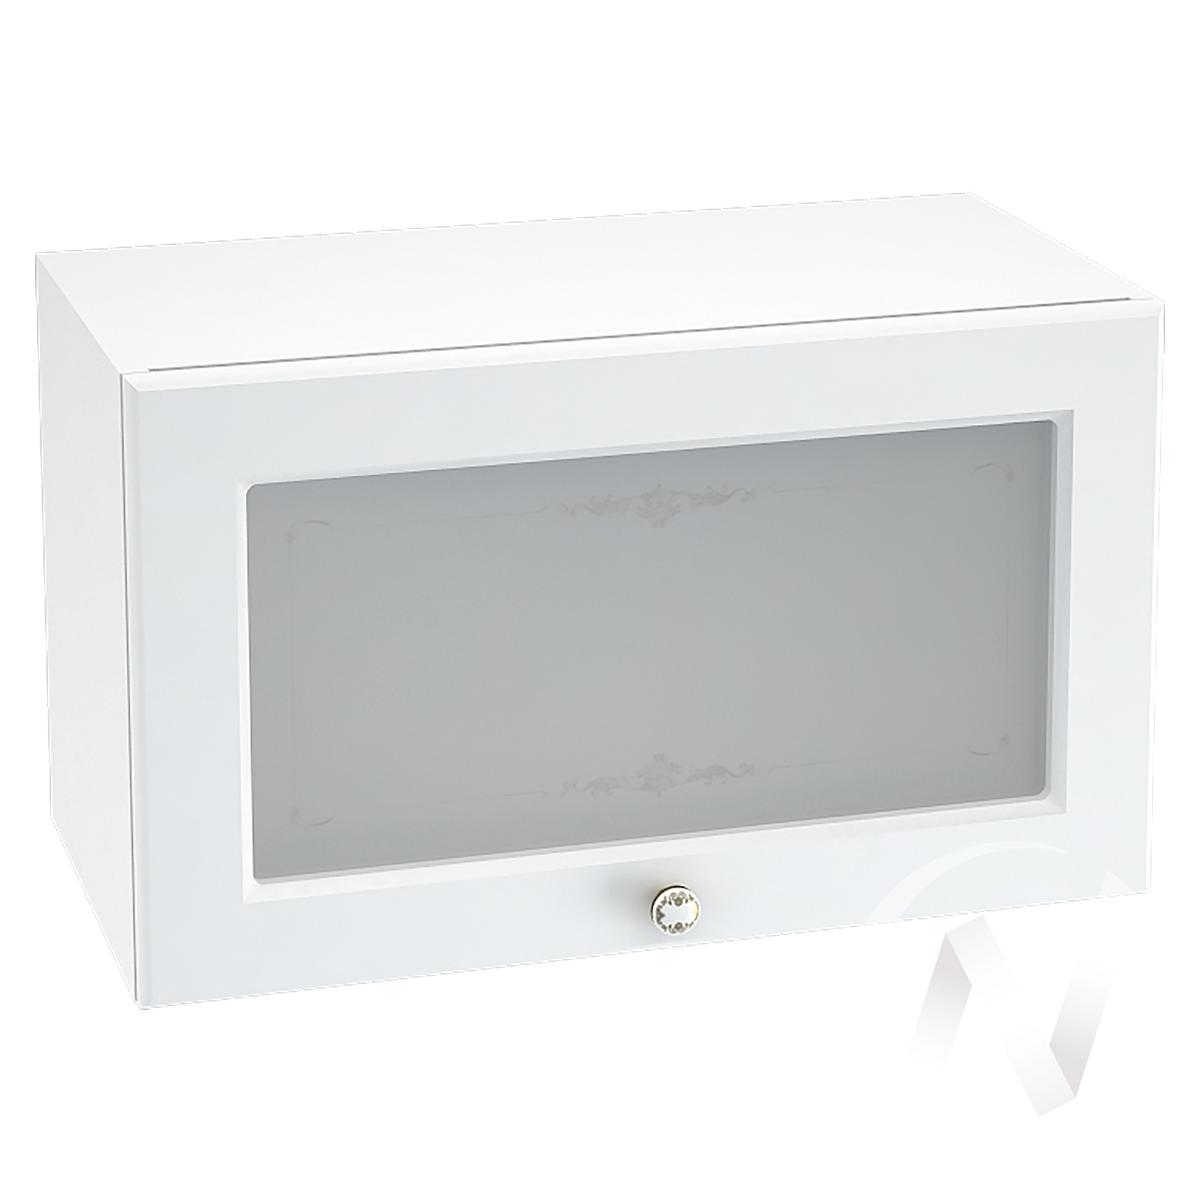 """Кухня """"Шарлиз"""": Шкаф верхний горизонтальный со стеклом 600, ШВГС 600 (корпус белый)"""